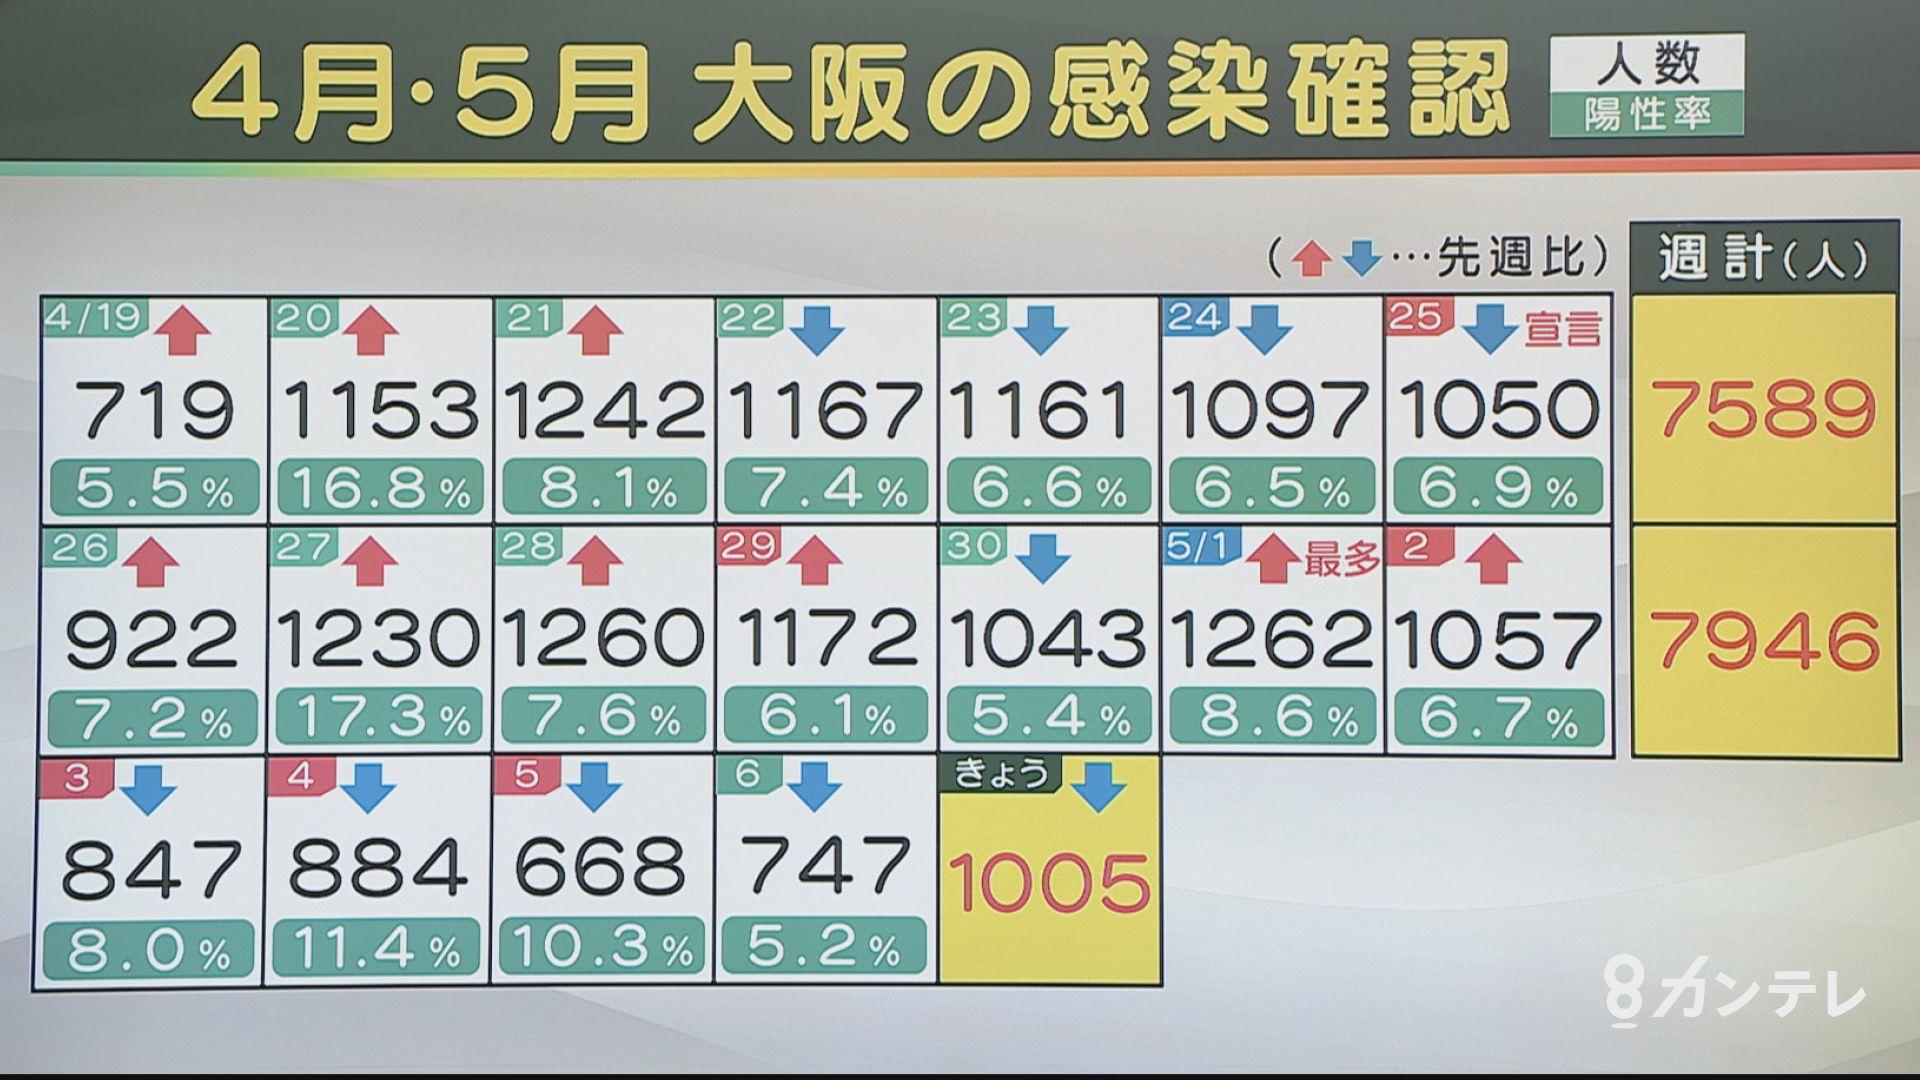 【速報】大阪で新たに1005人の感染確認 感染者50人が死亡